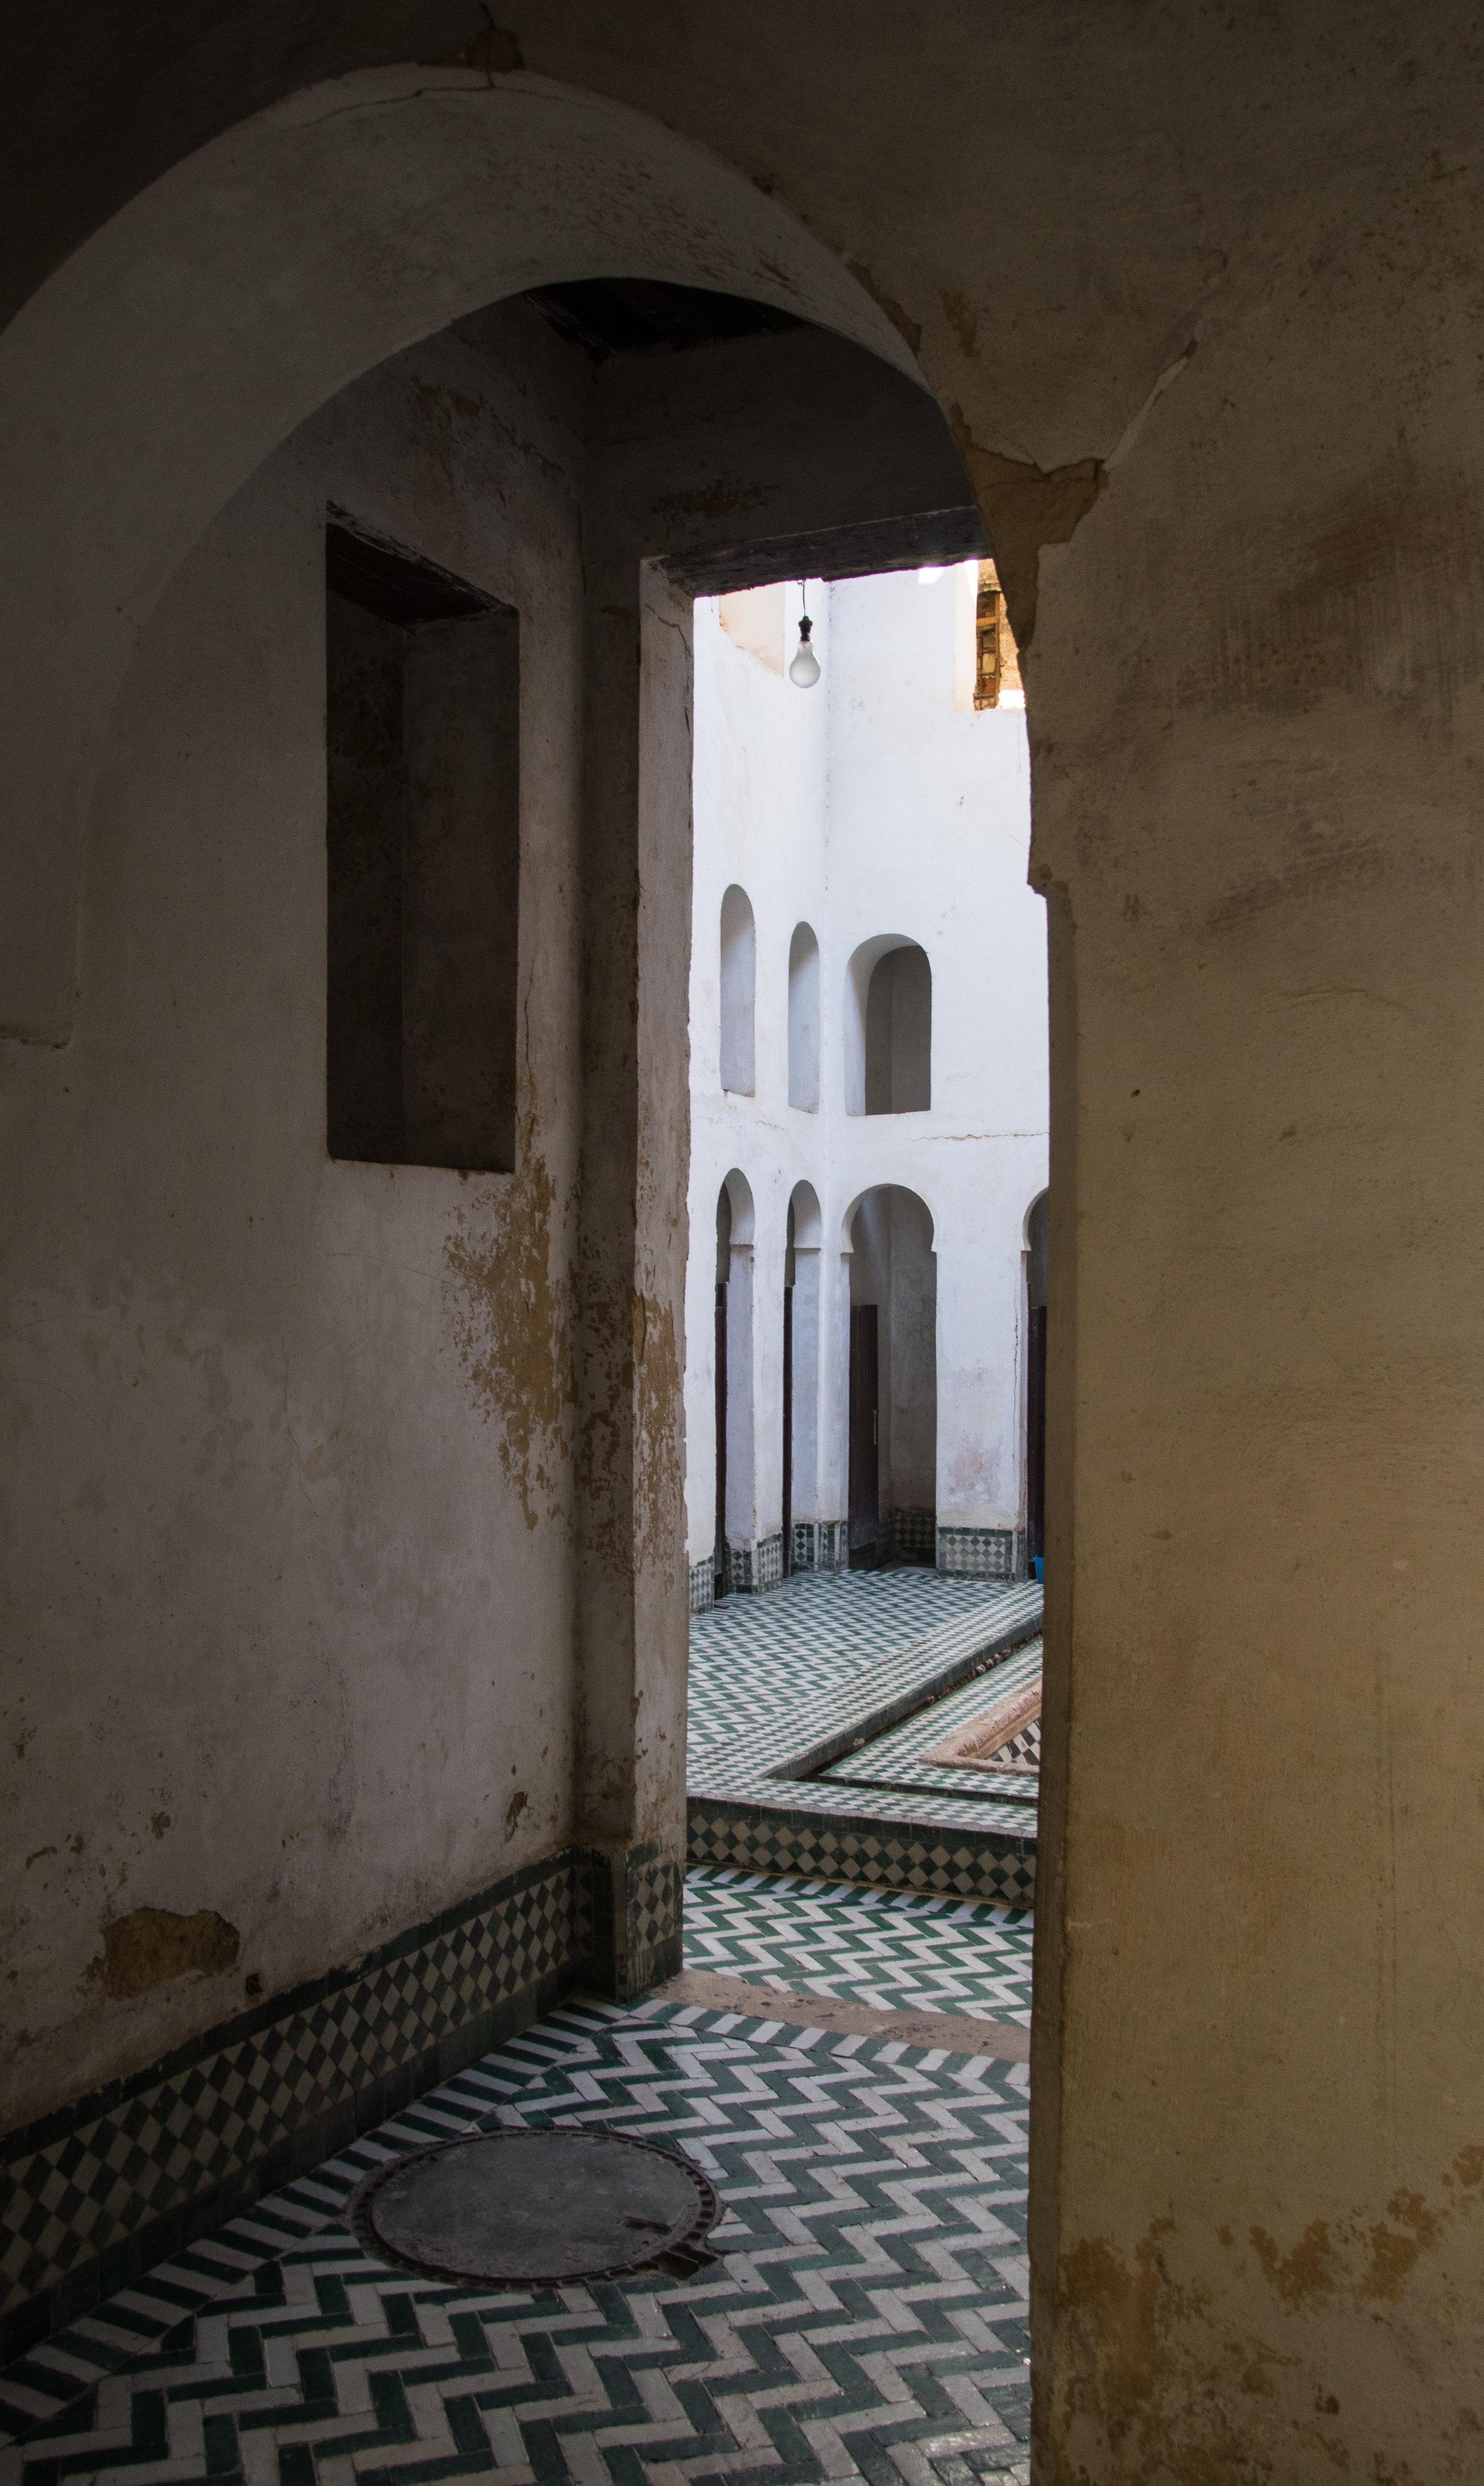 Private Home - Marrakech, Morocco